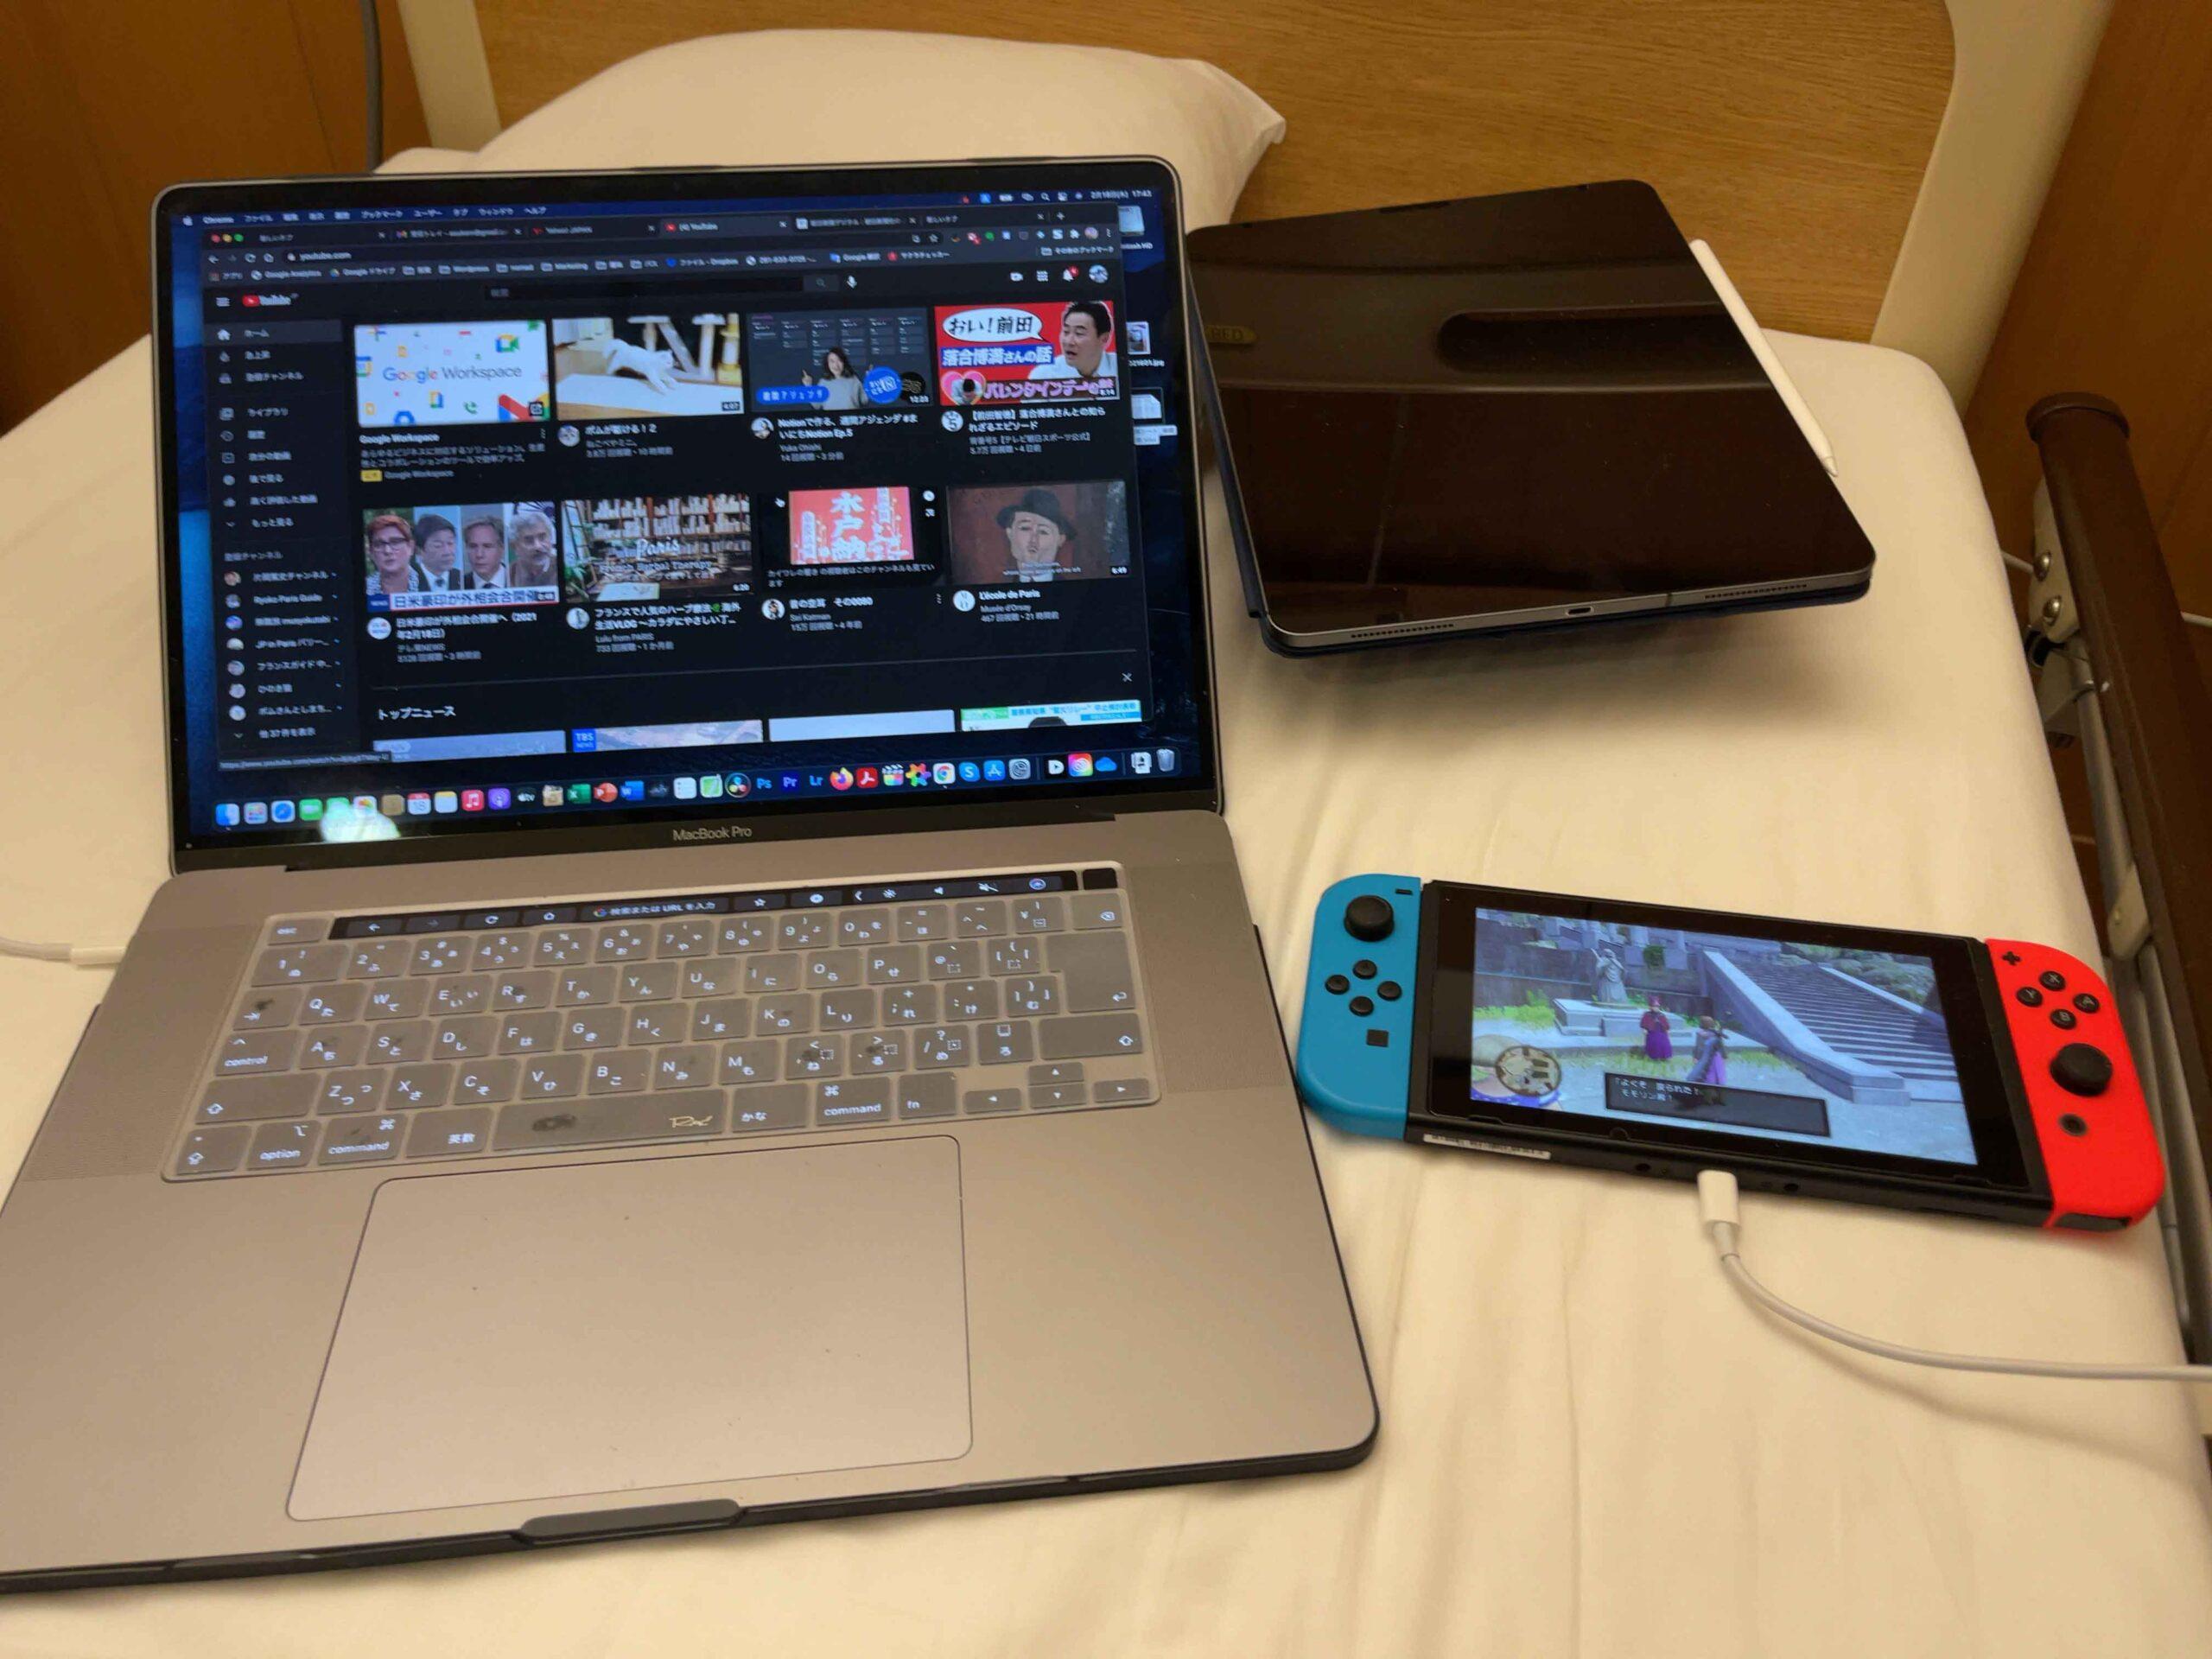 入院のため持ってきたMacBook Proなど